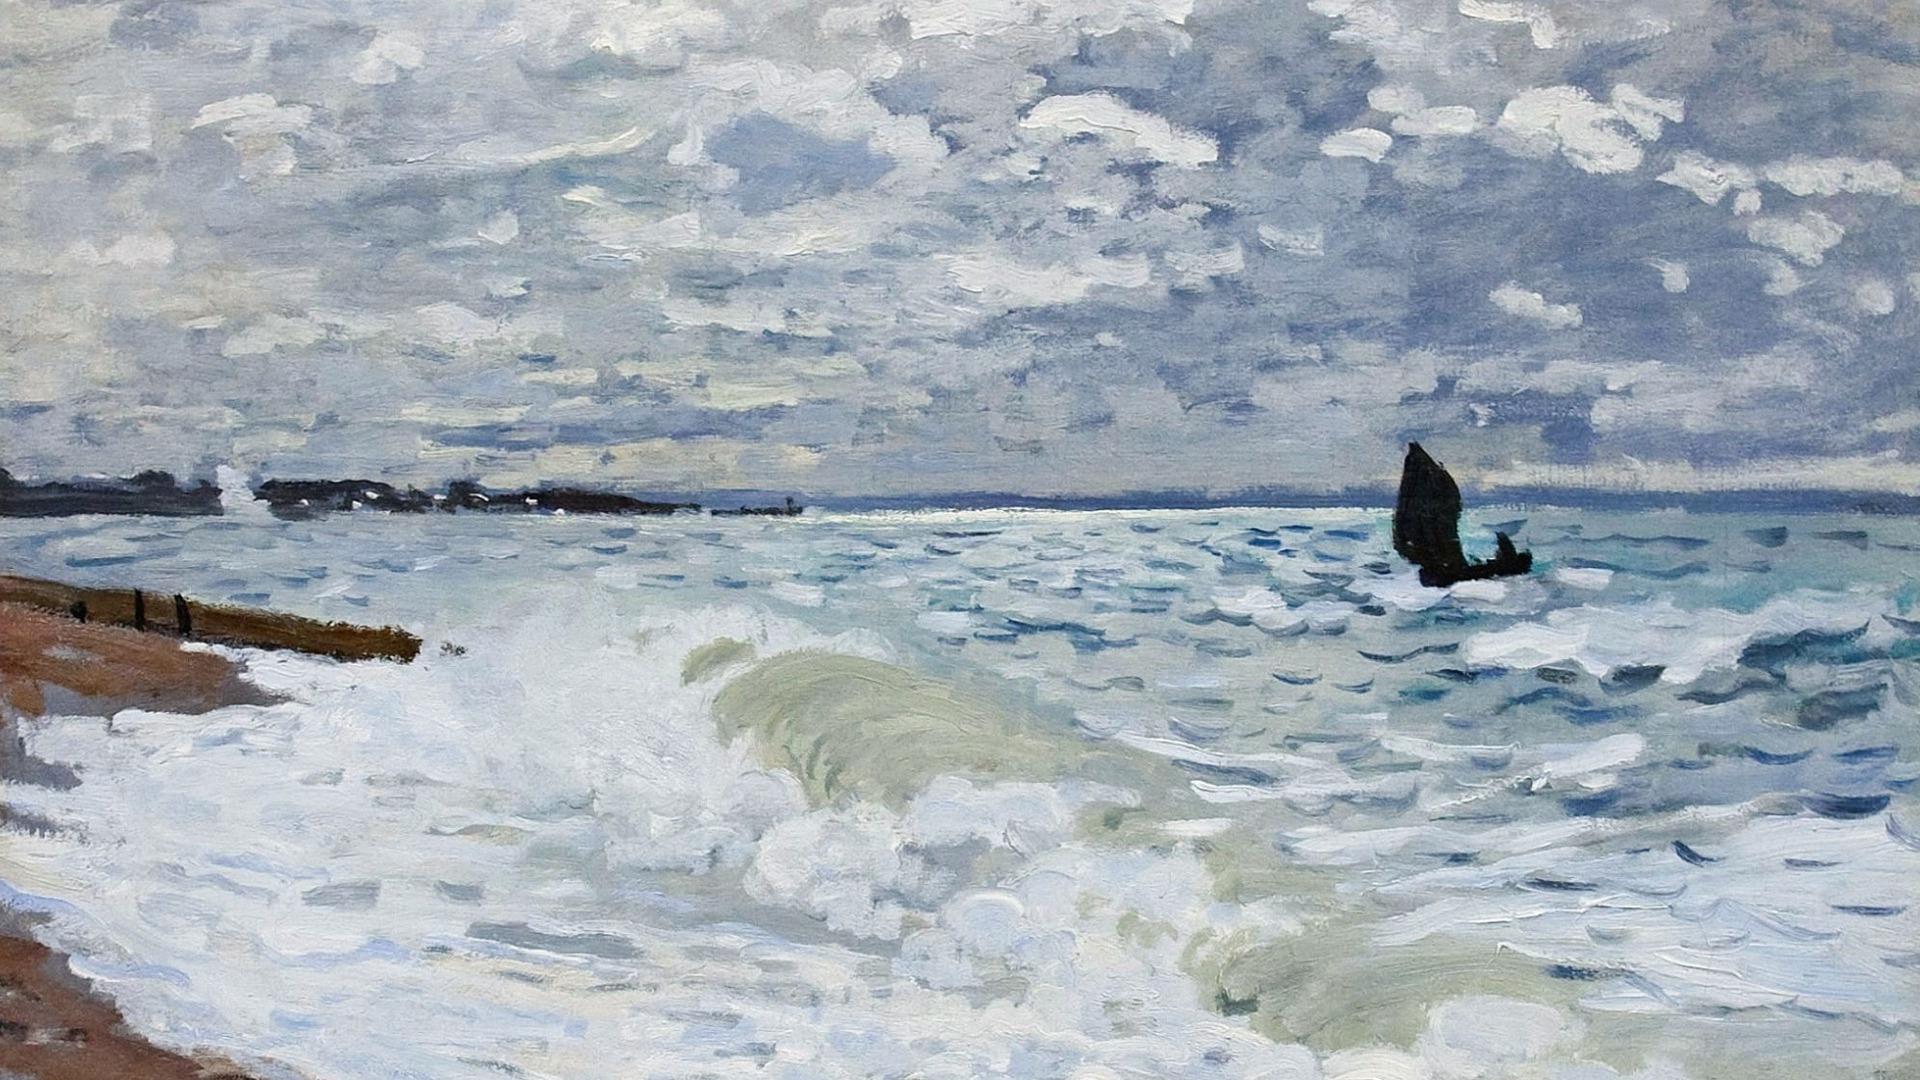 """пейзаж """"Море в Сен-Адрес"""" :: Клод Моне, описание картины - Море в живописи ( морские пейзажи, seascapes ) фото"""